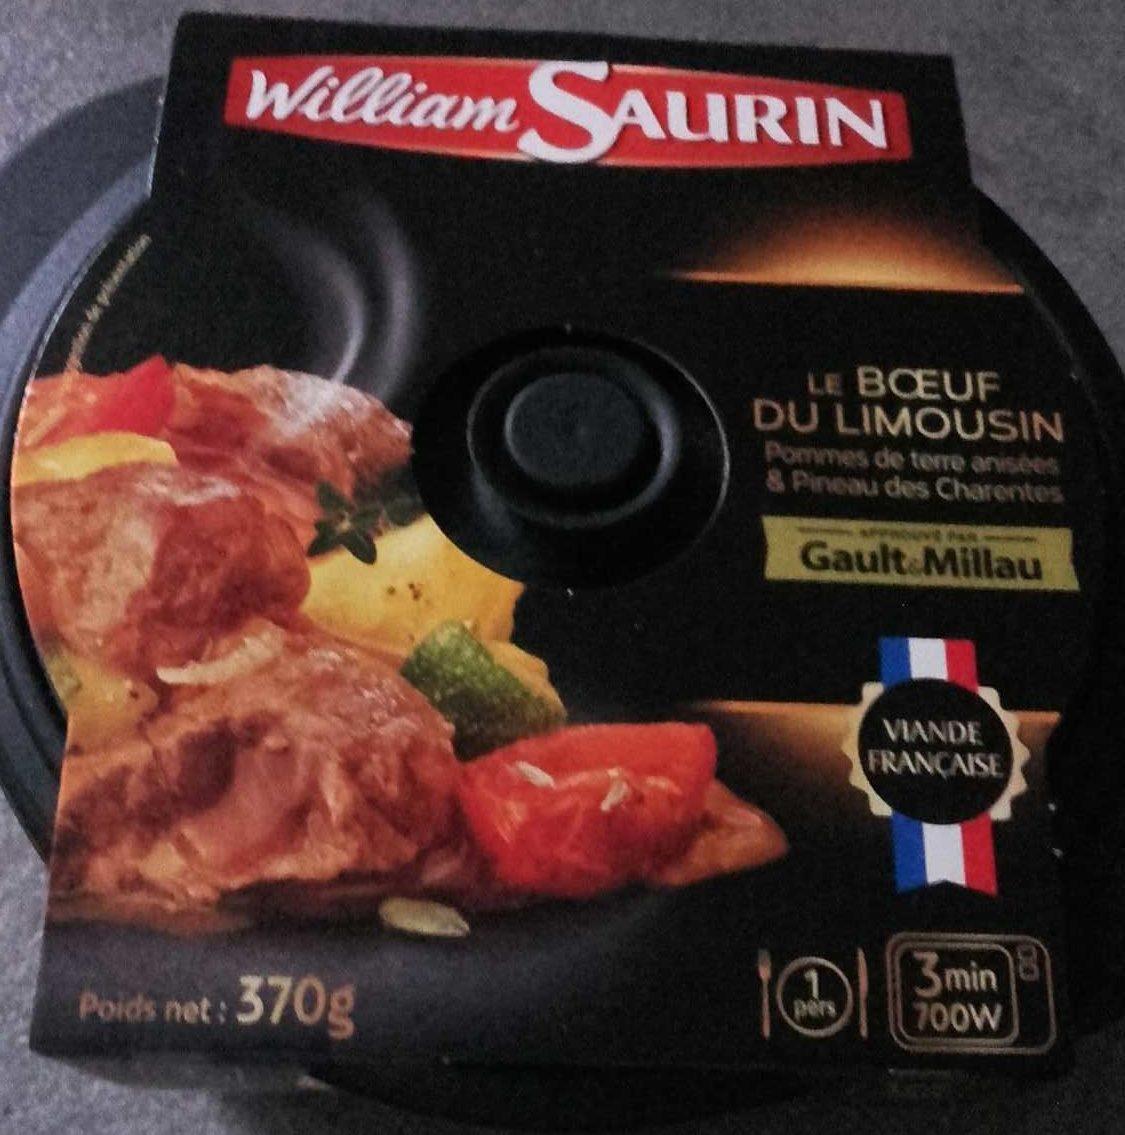 Le Bœuf du Limousin, Pommes de Terre Anisées & Pineau des Charentes - Produit - fr